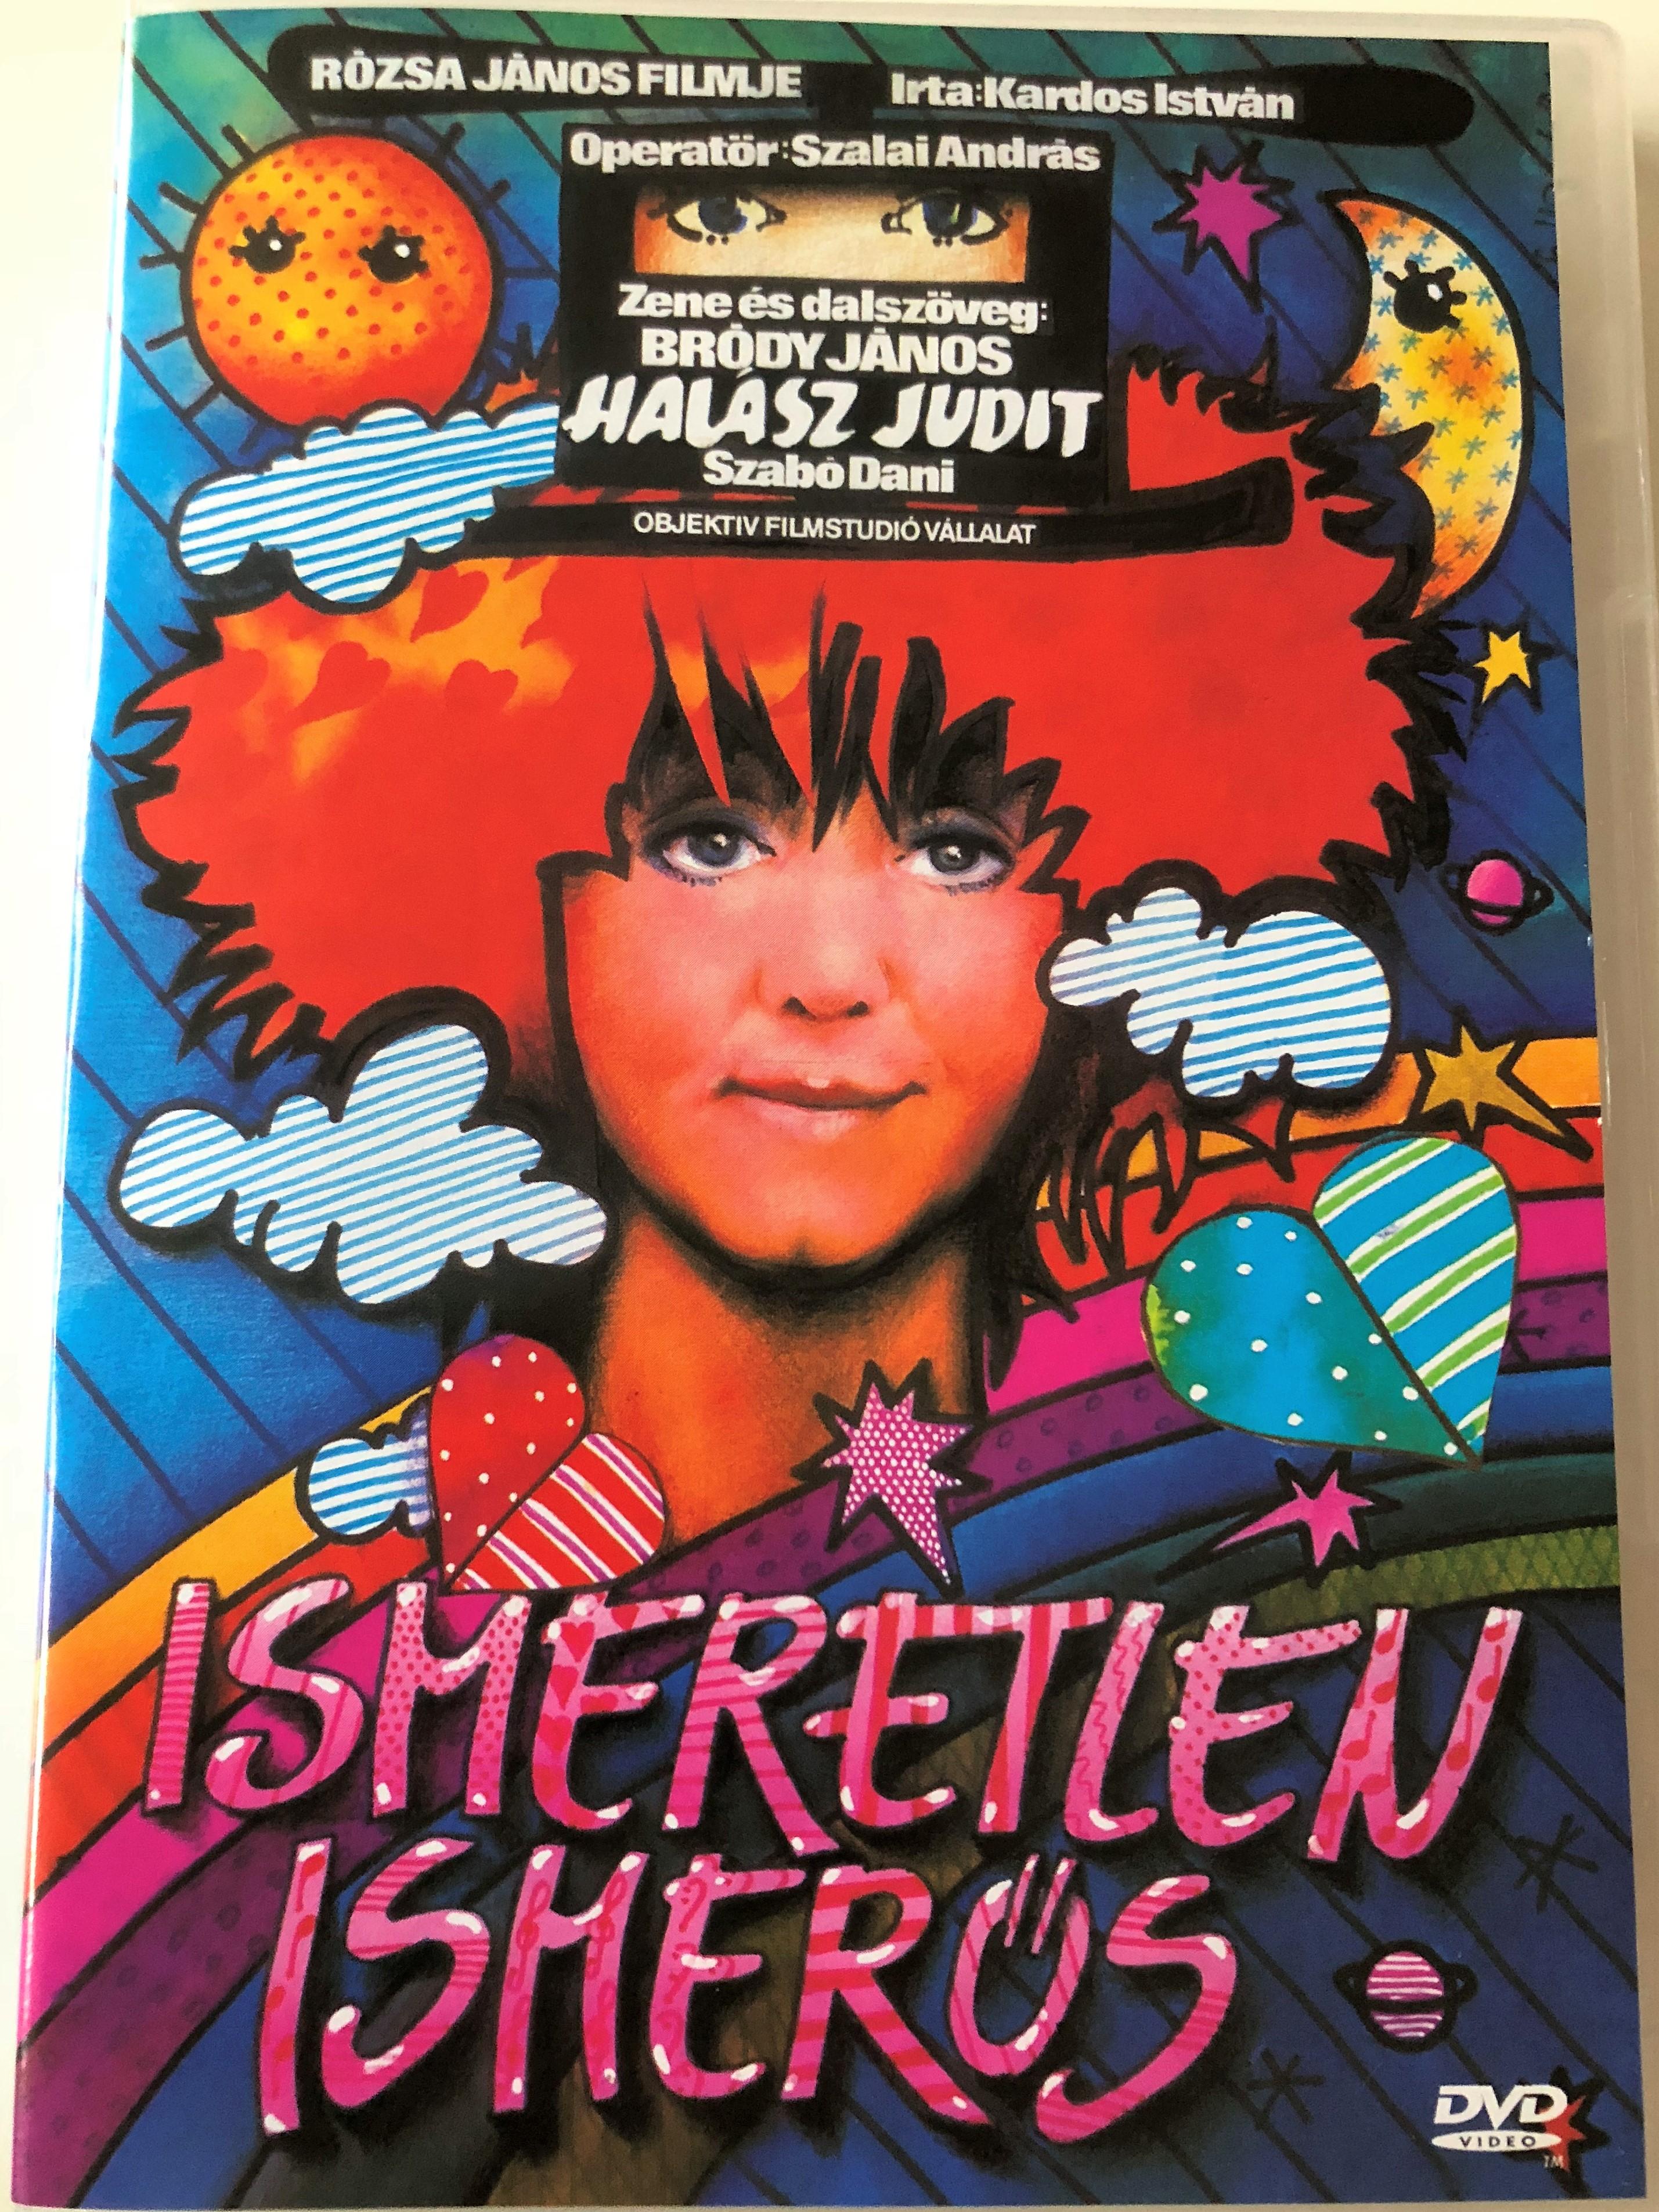 ismeretlen-ismer-s-dvd-1989-directed-by-r-zsa-j-nos-starring-hal-sz-judit-eperjes-k-roly-garas-dezs-szab-dani-hungarian-musical-for-children-1-.jpg